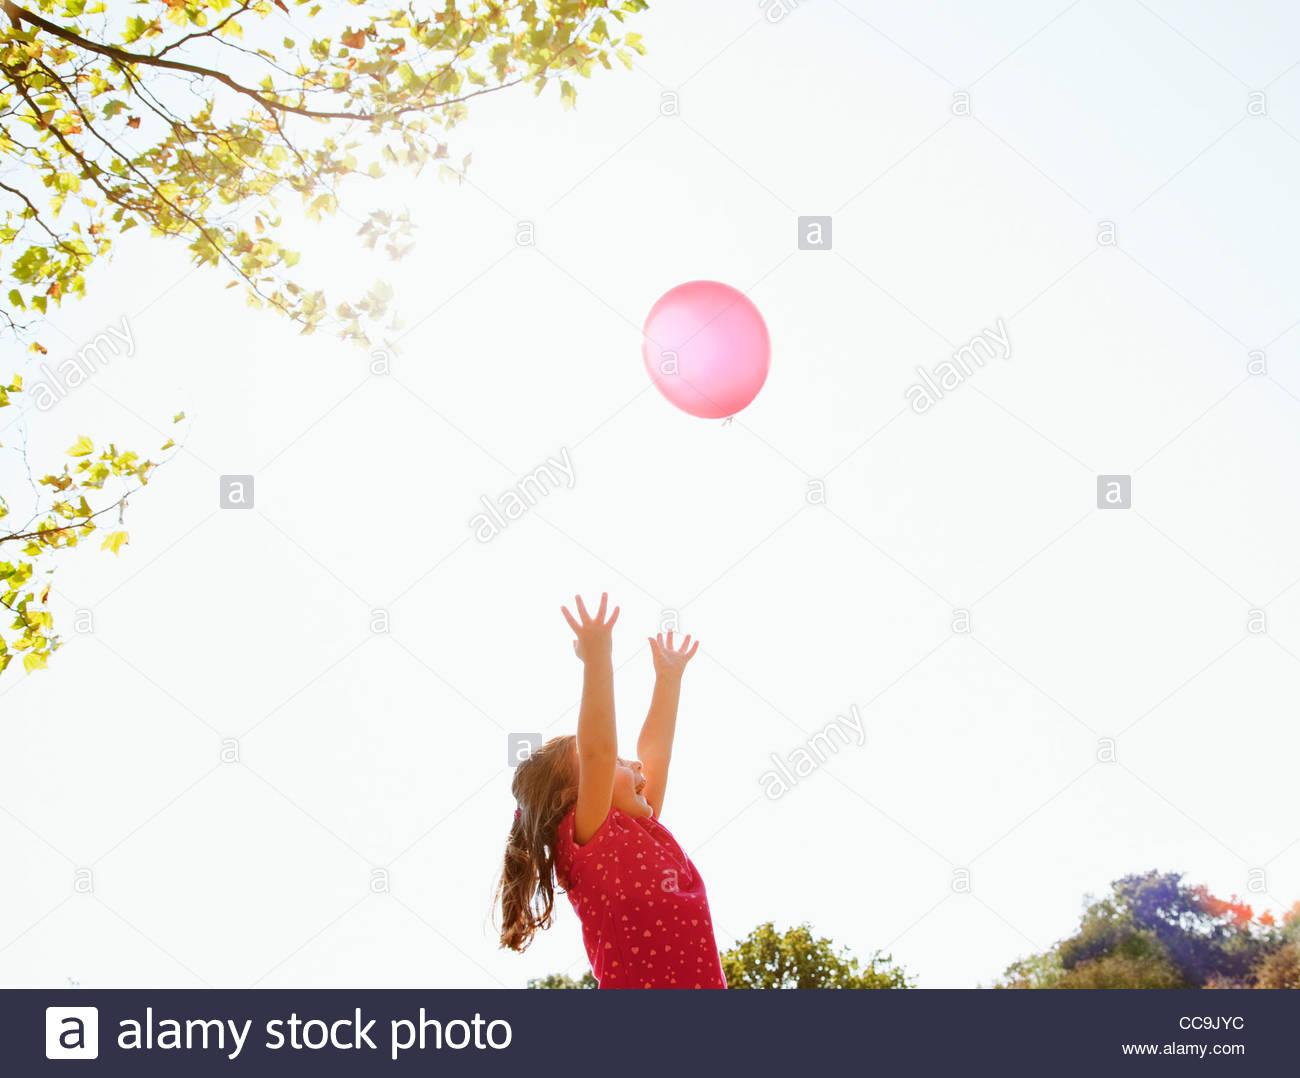 Niña alcanzando globo rojo en el cielo soleado Imagen De Stock